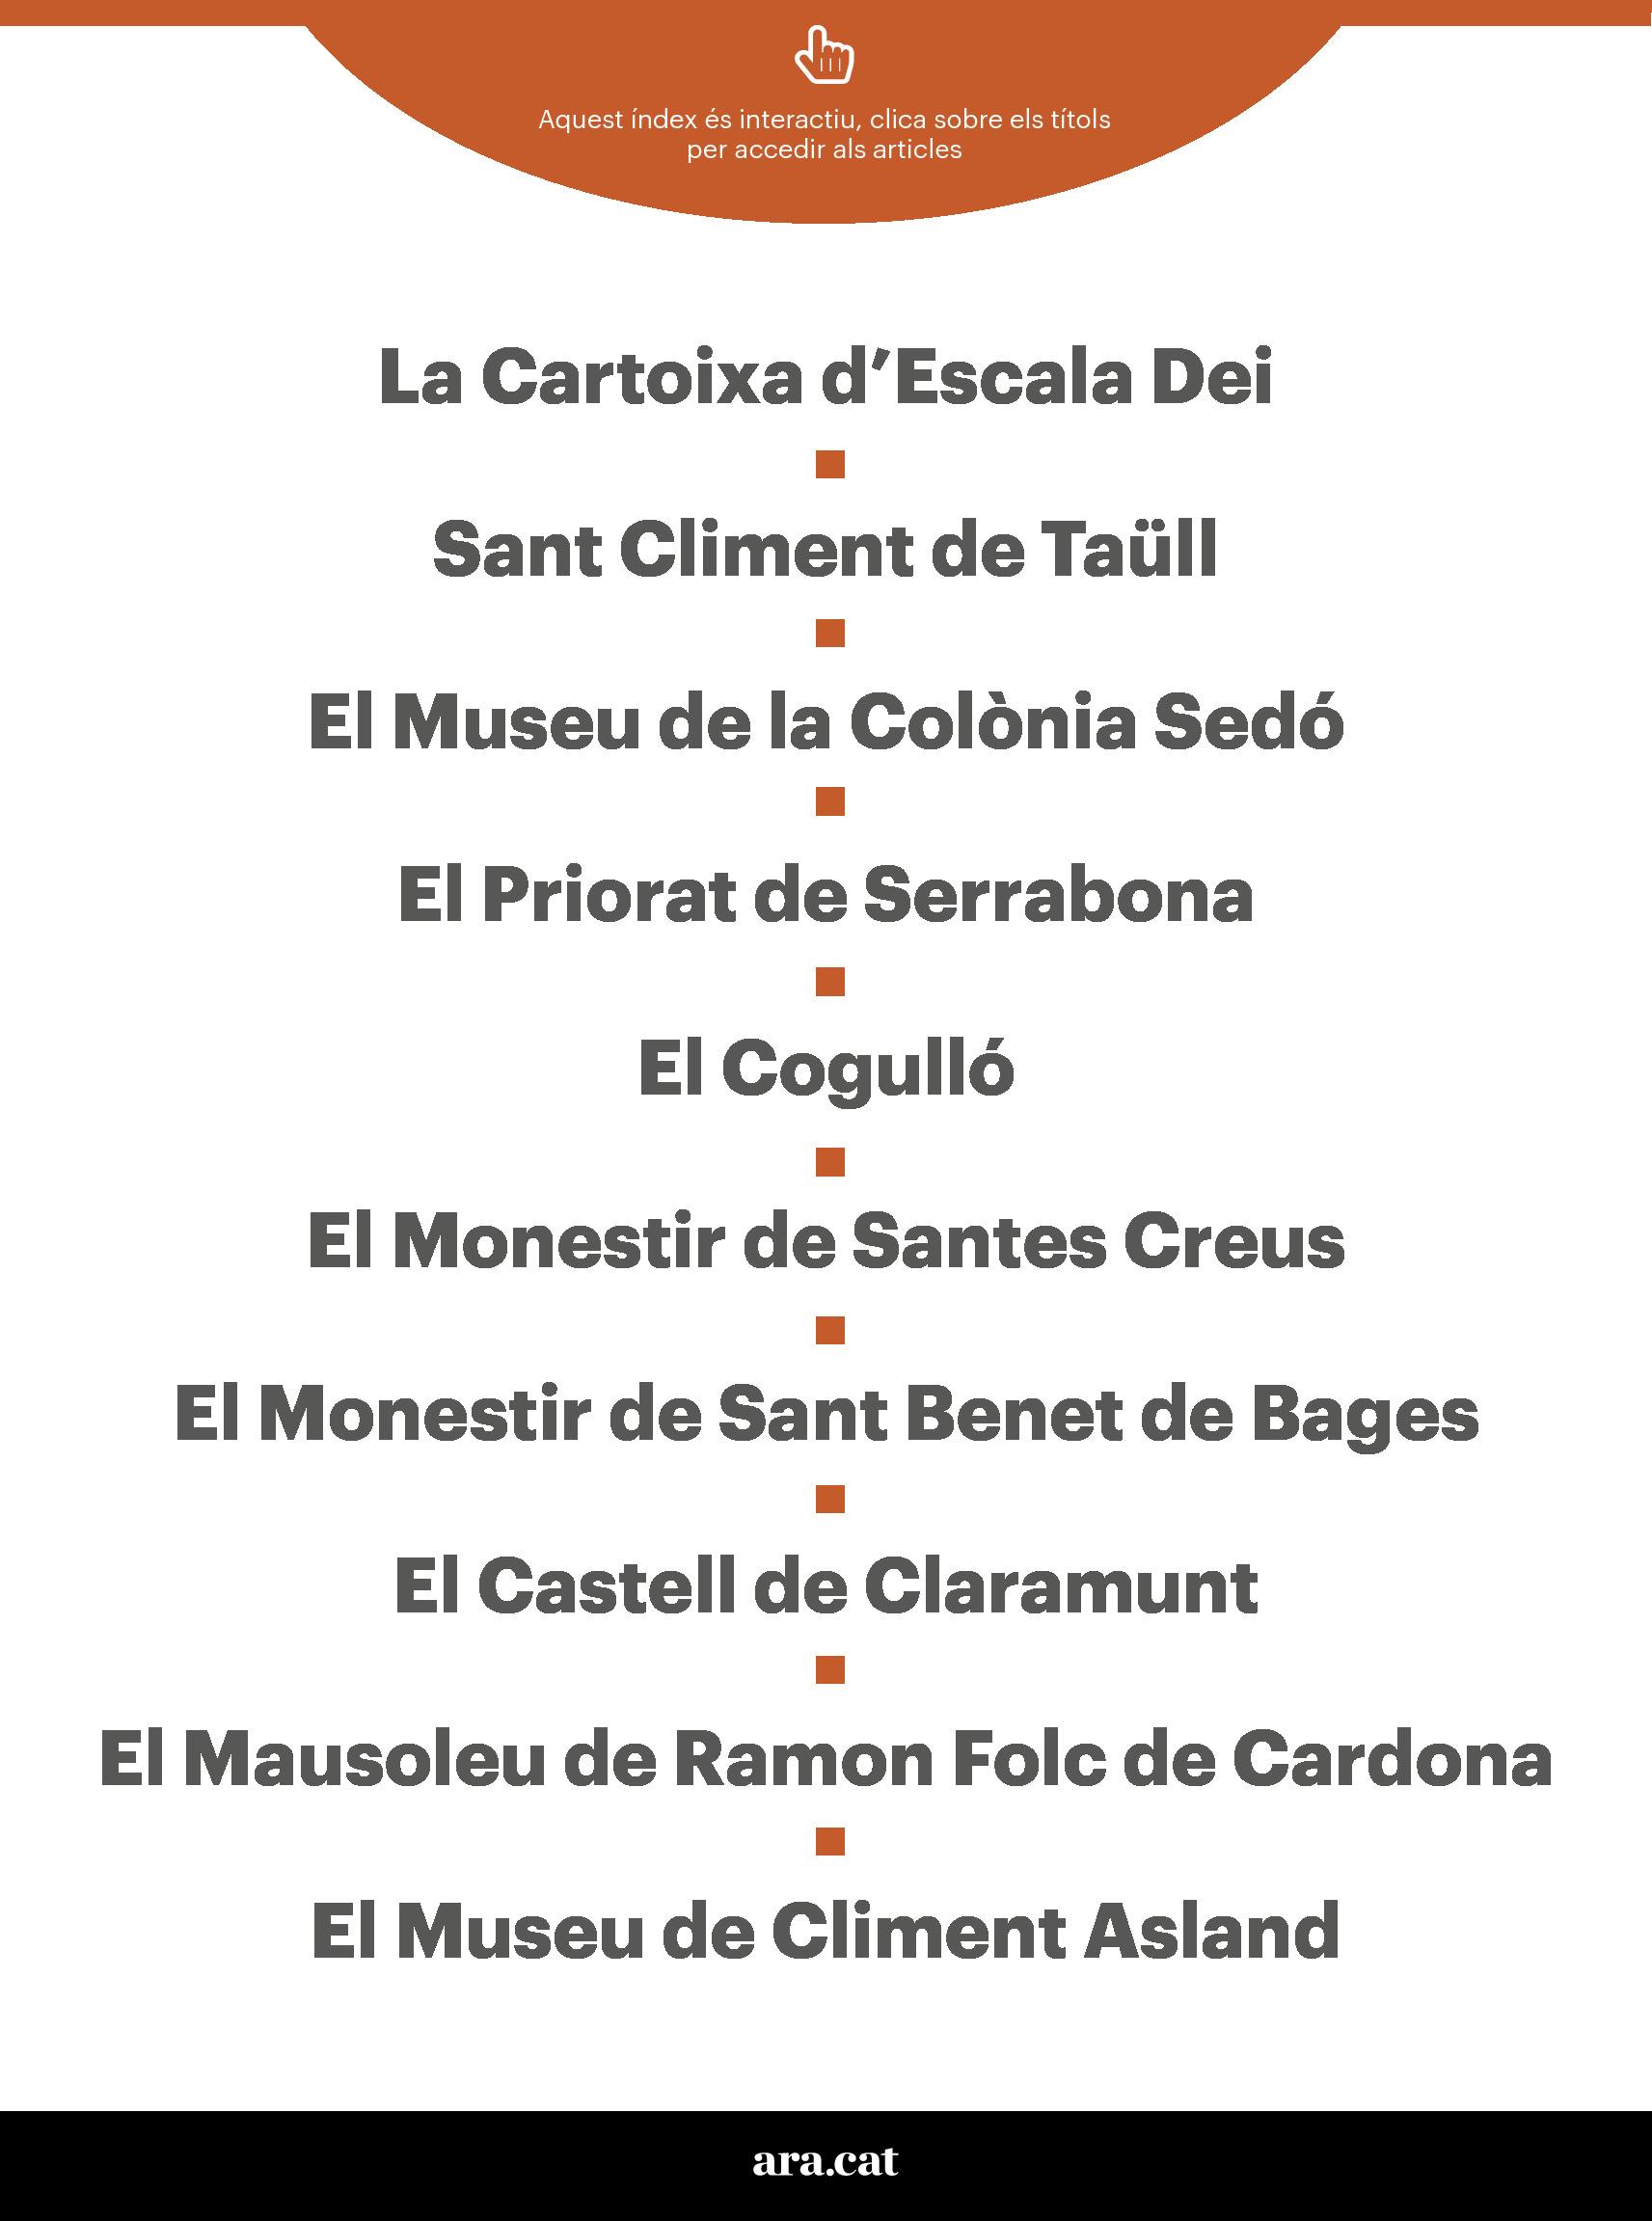 10 monuments de Catalunya per visitar... o revisitar 2